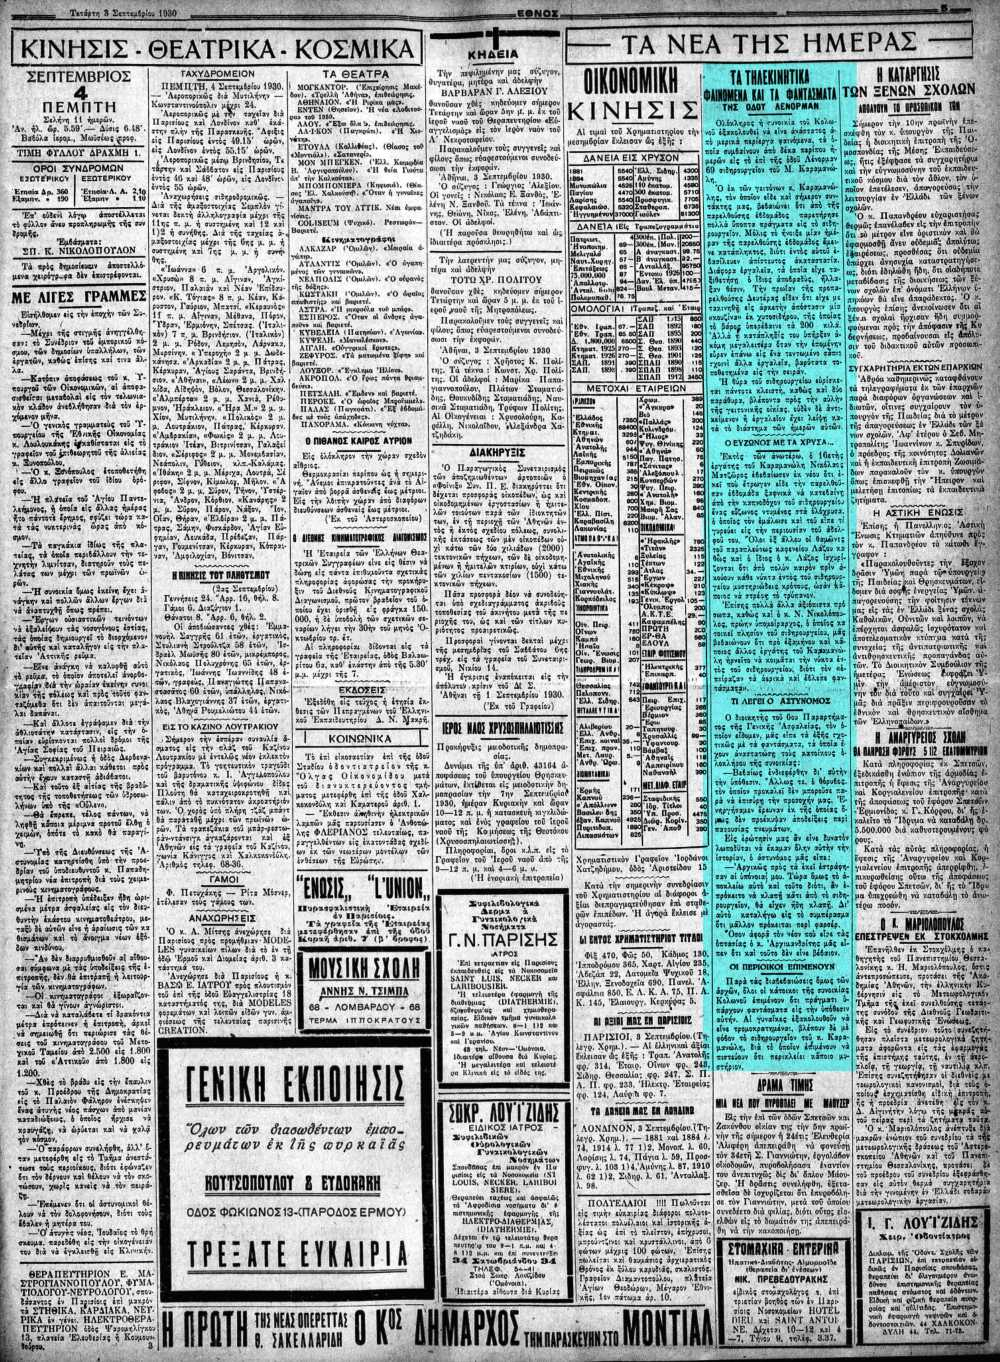 """Το άρθρο, όπως δημοσιεύθηκε στην εφημερίδα """"ΕΘΝΟΣ"""", στις 03/09/1930"""